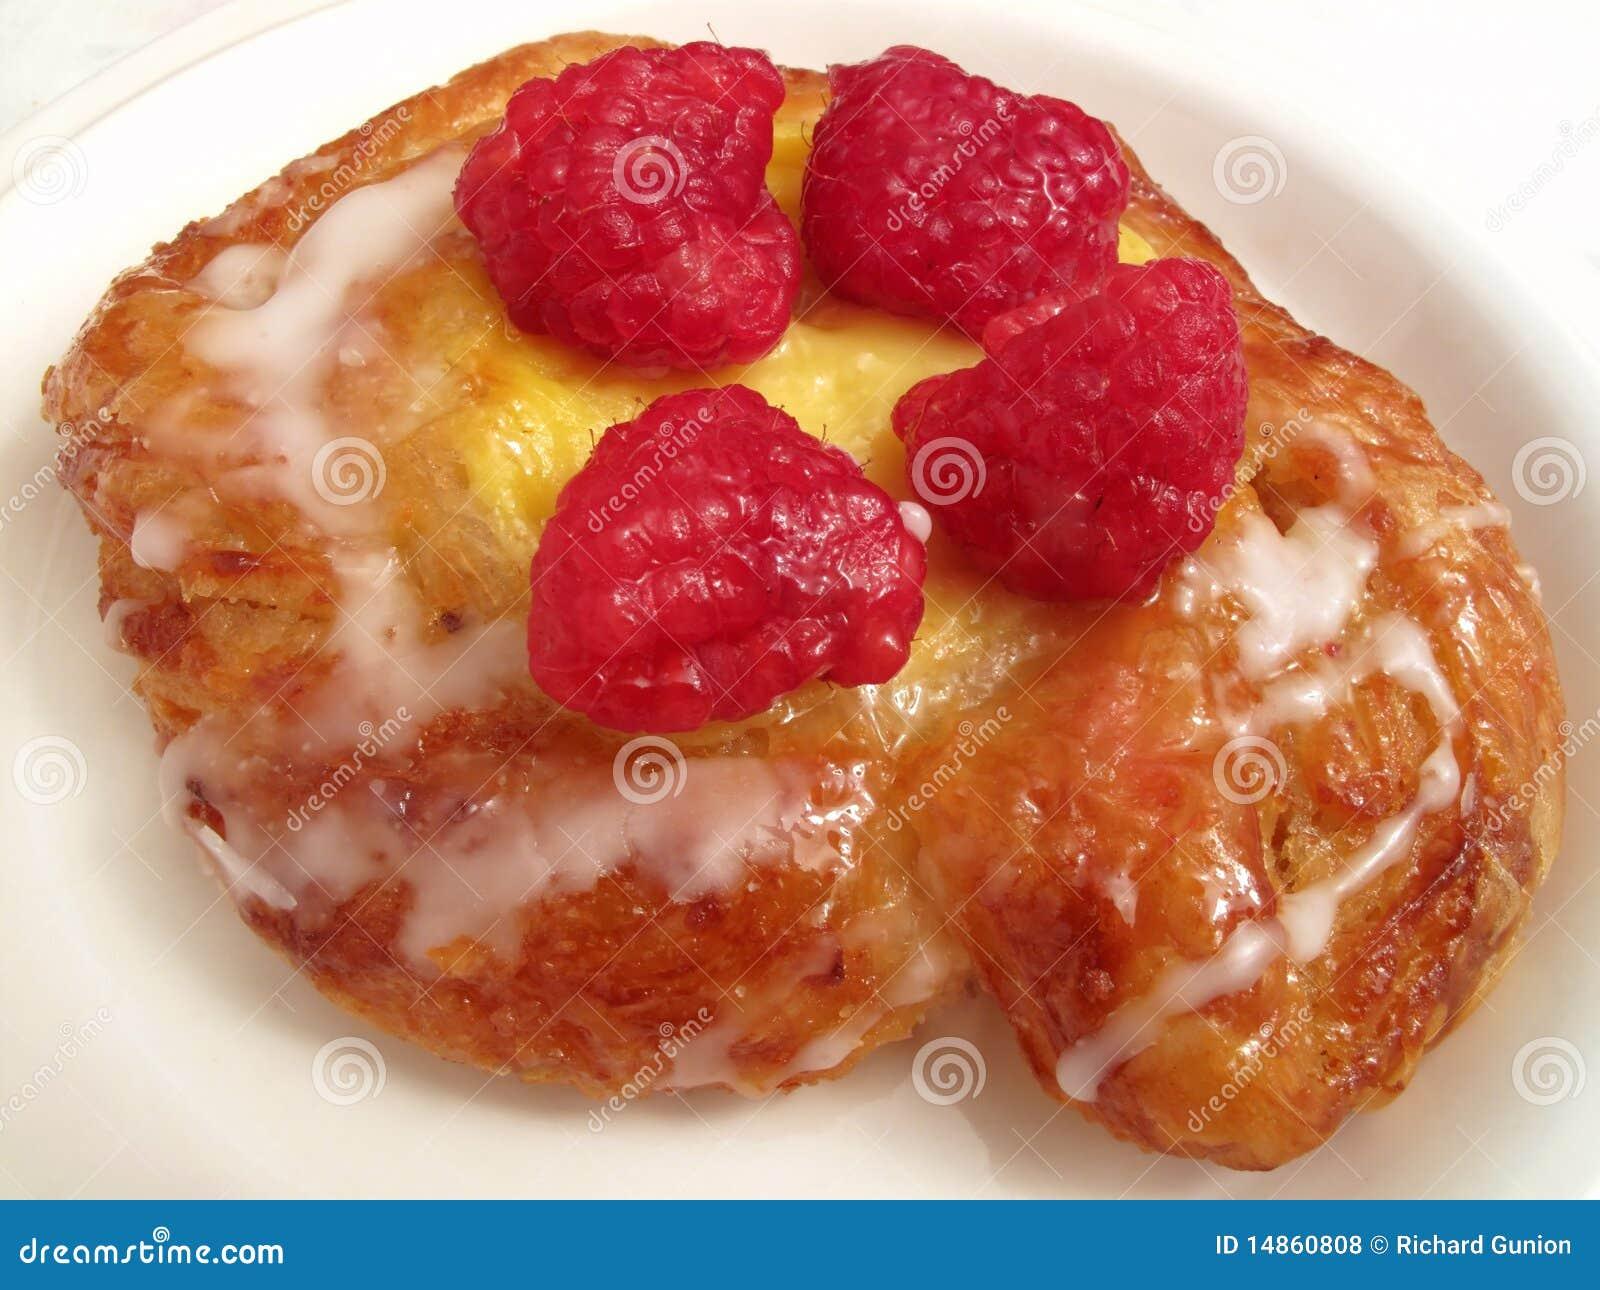 Cheese Raspberry Danish